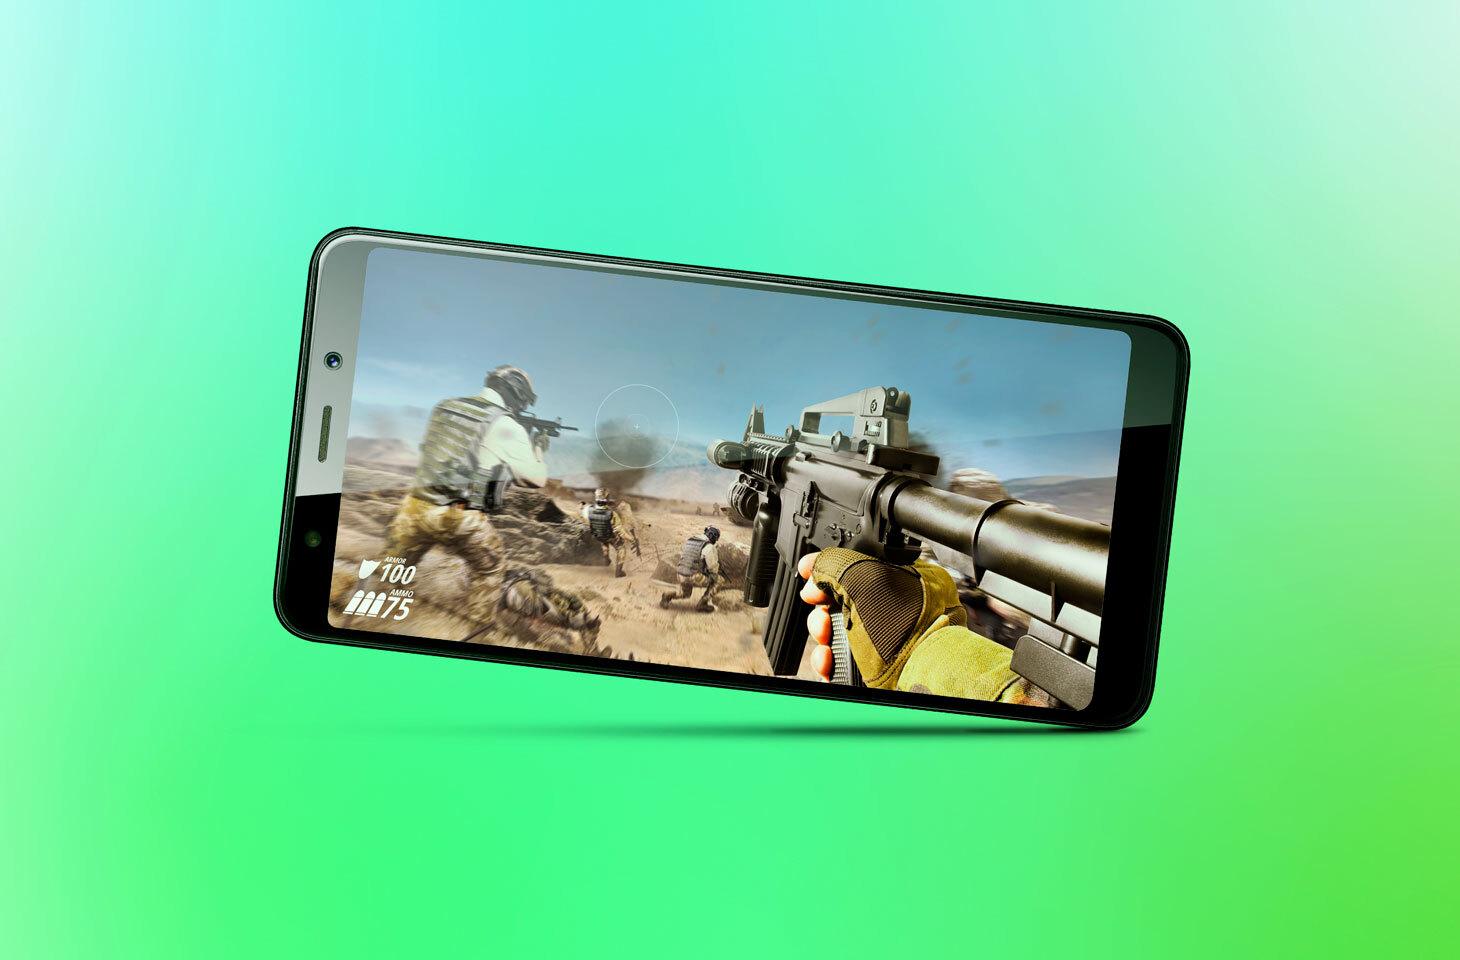 Как выбрать действительно бесплатную игру для смартфона